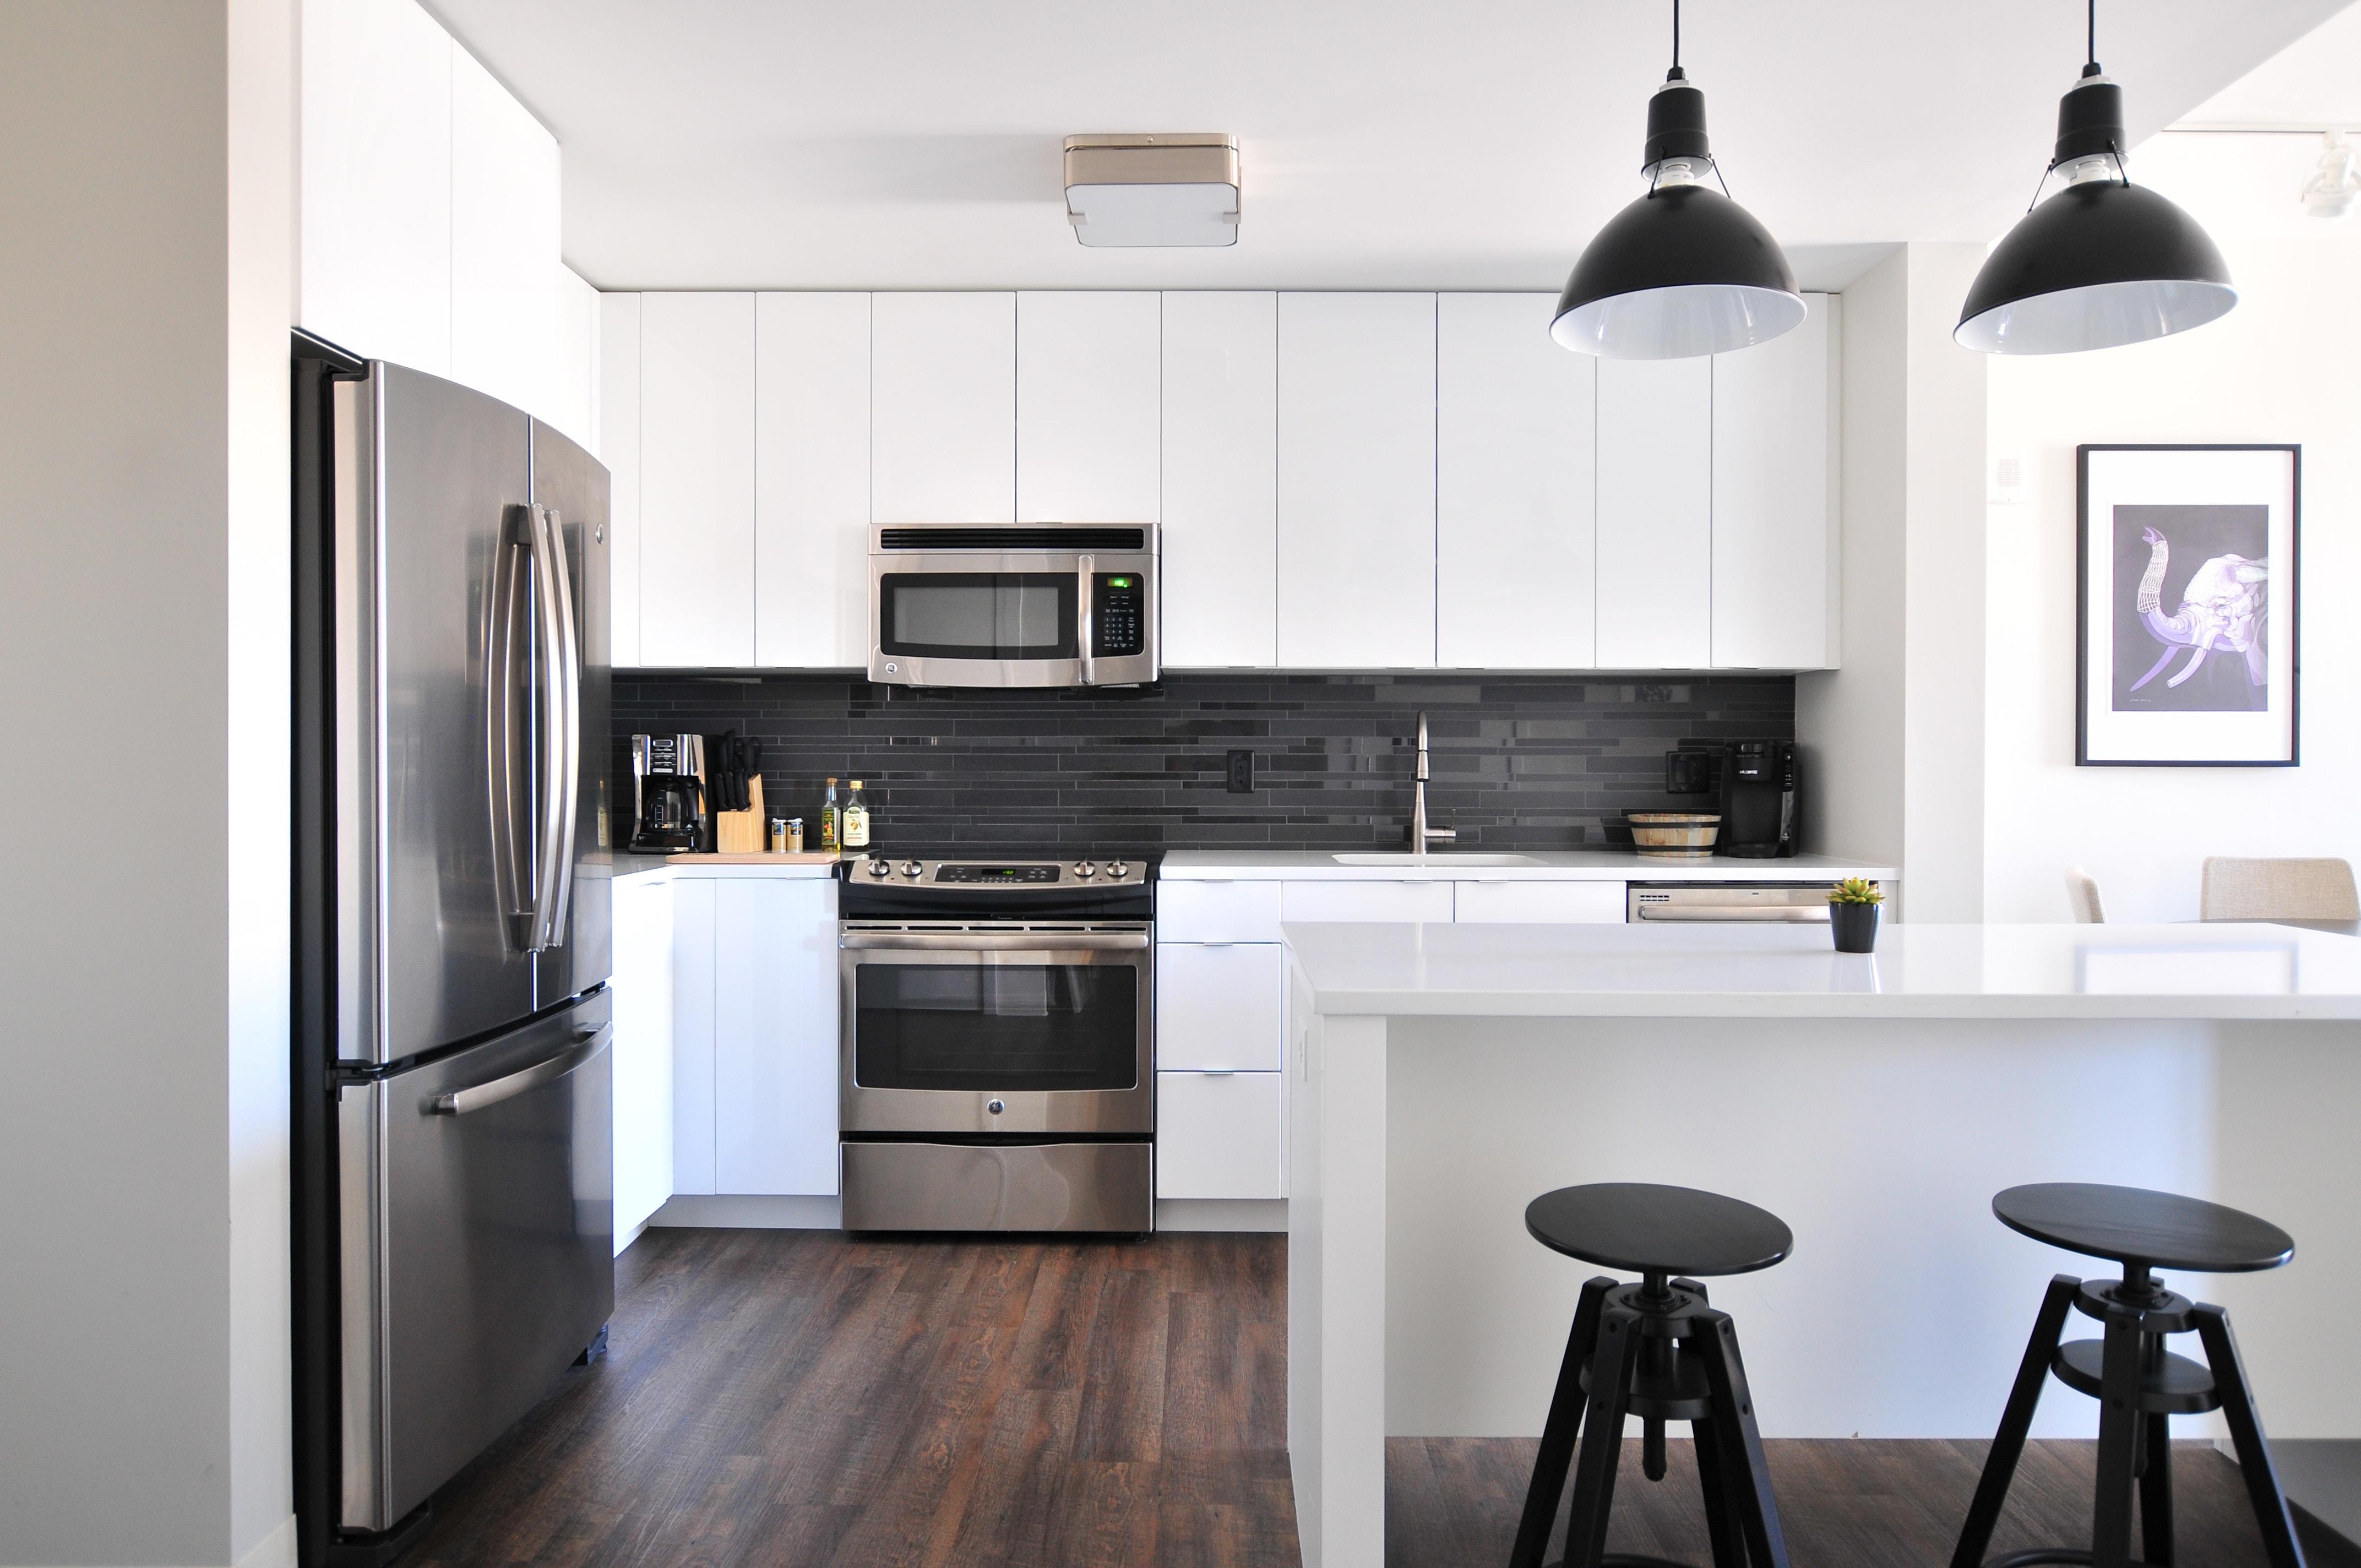 d couvrez quelques crit res pour choisir un r frig rateur. Black Bedroom Furniture Sets. Home Design Ideas